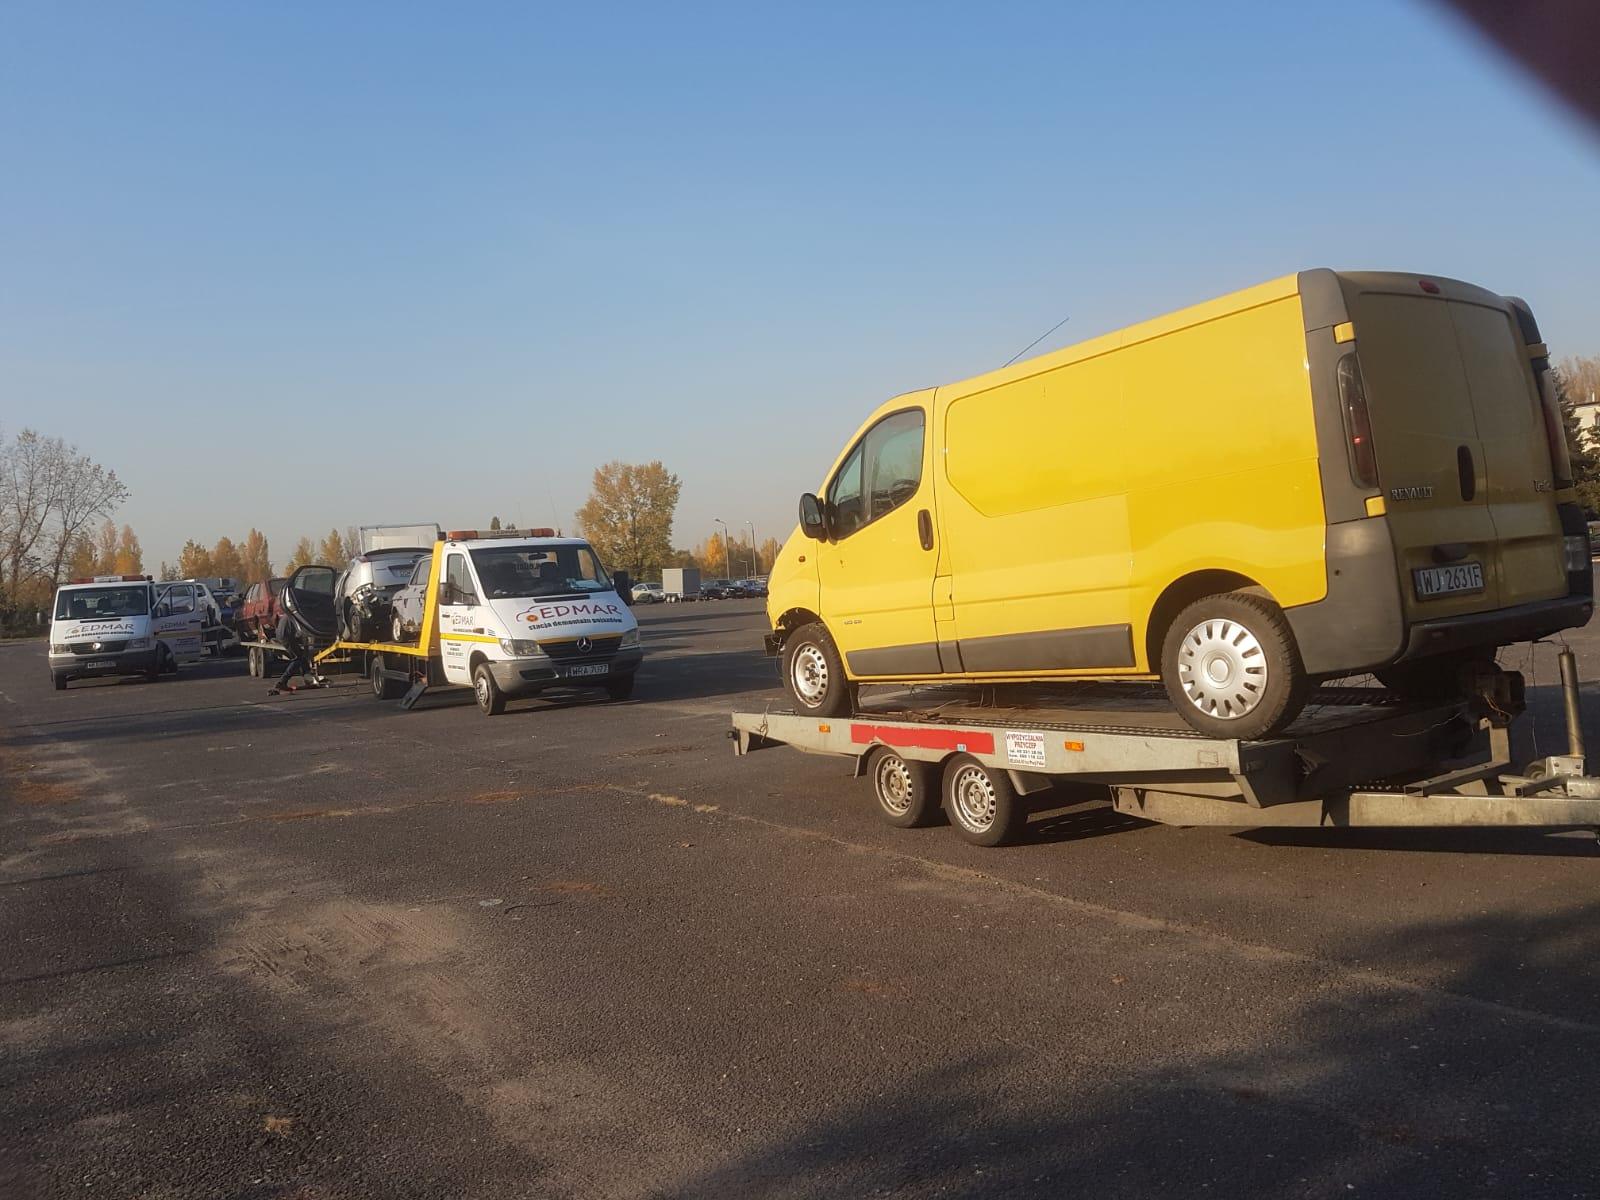 Pomoc drogowa polska – program partnerski dla laweciarzy